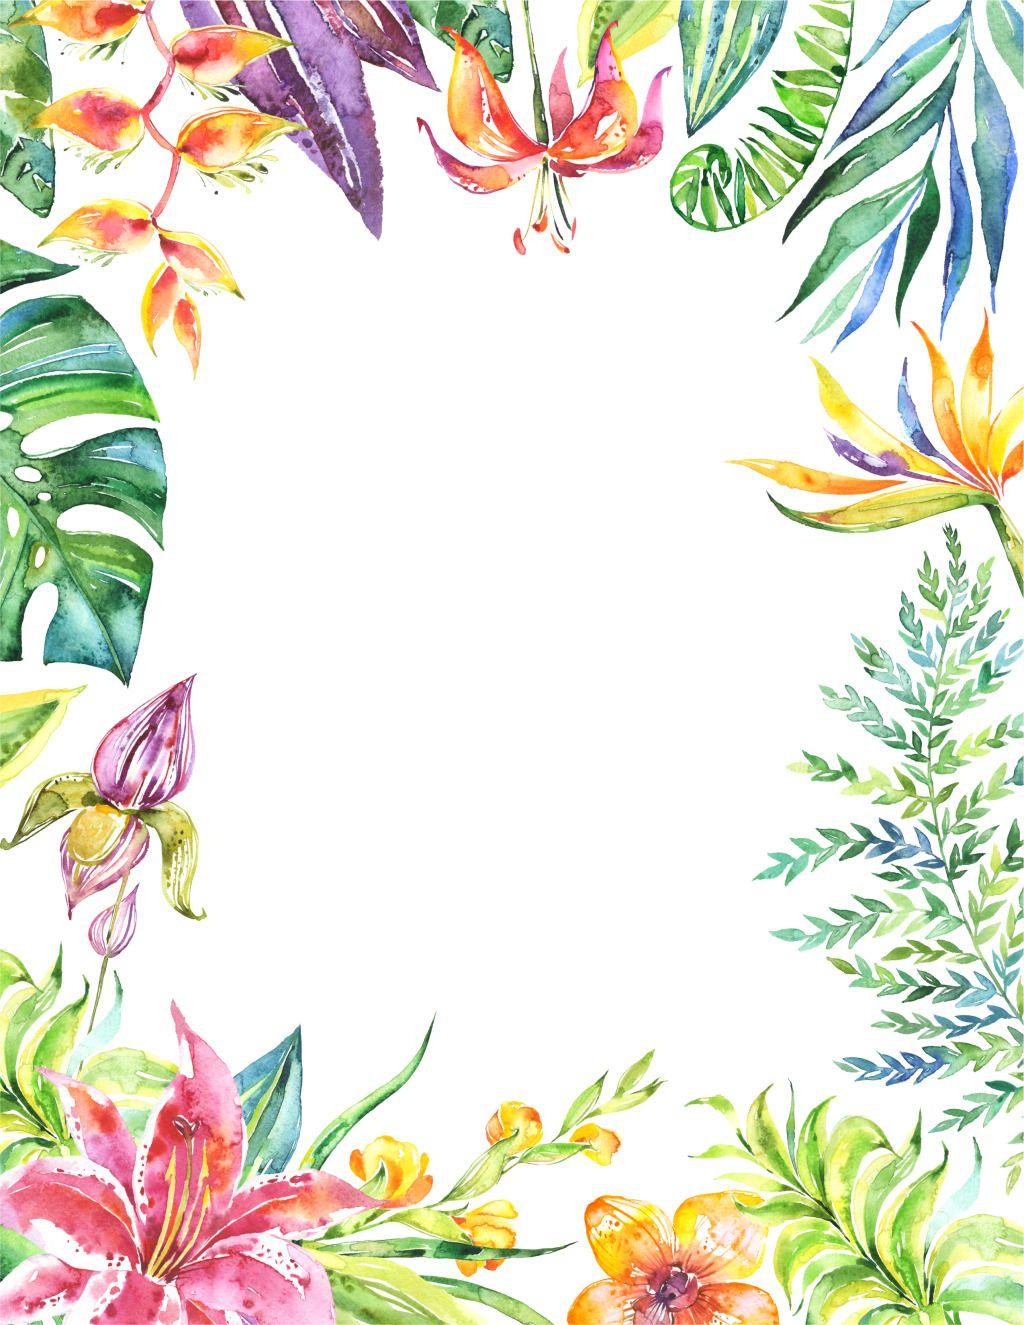 海报背景唯美梦幻花卉绿叶   flores, árboles, ramas, hojas   Pinterest ...